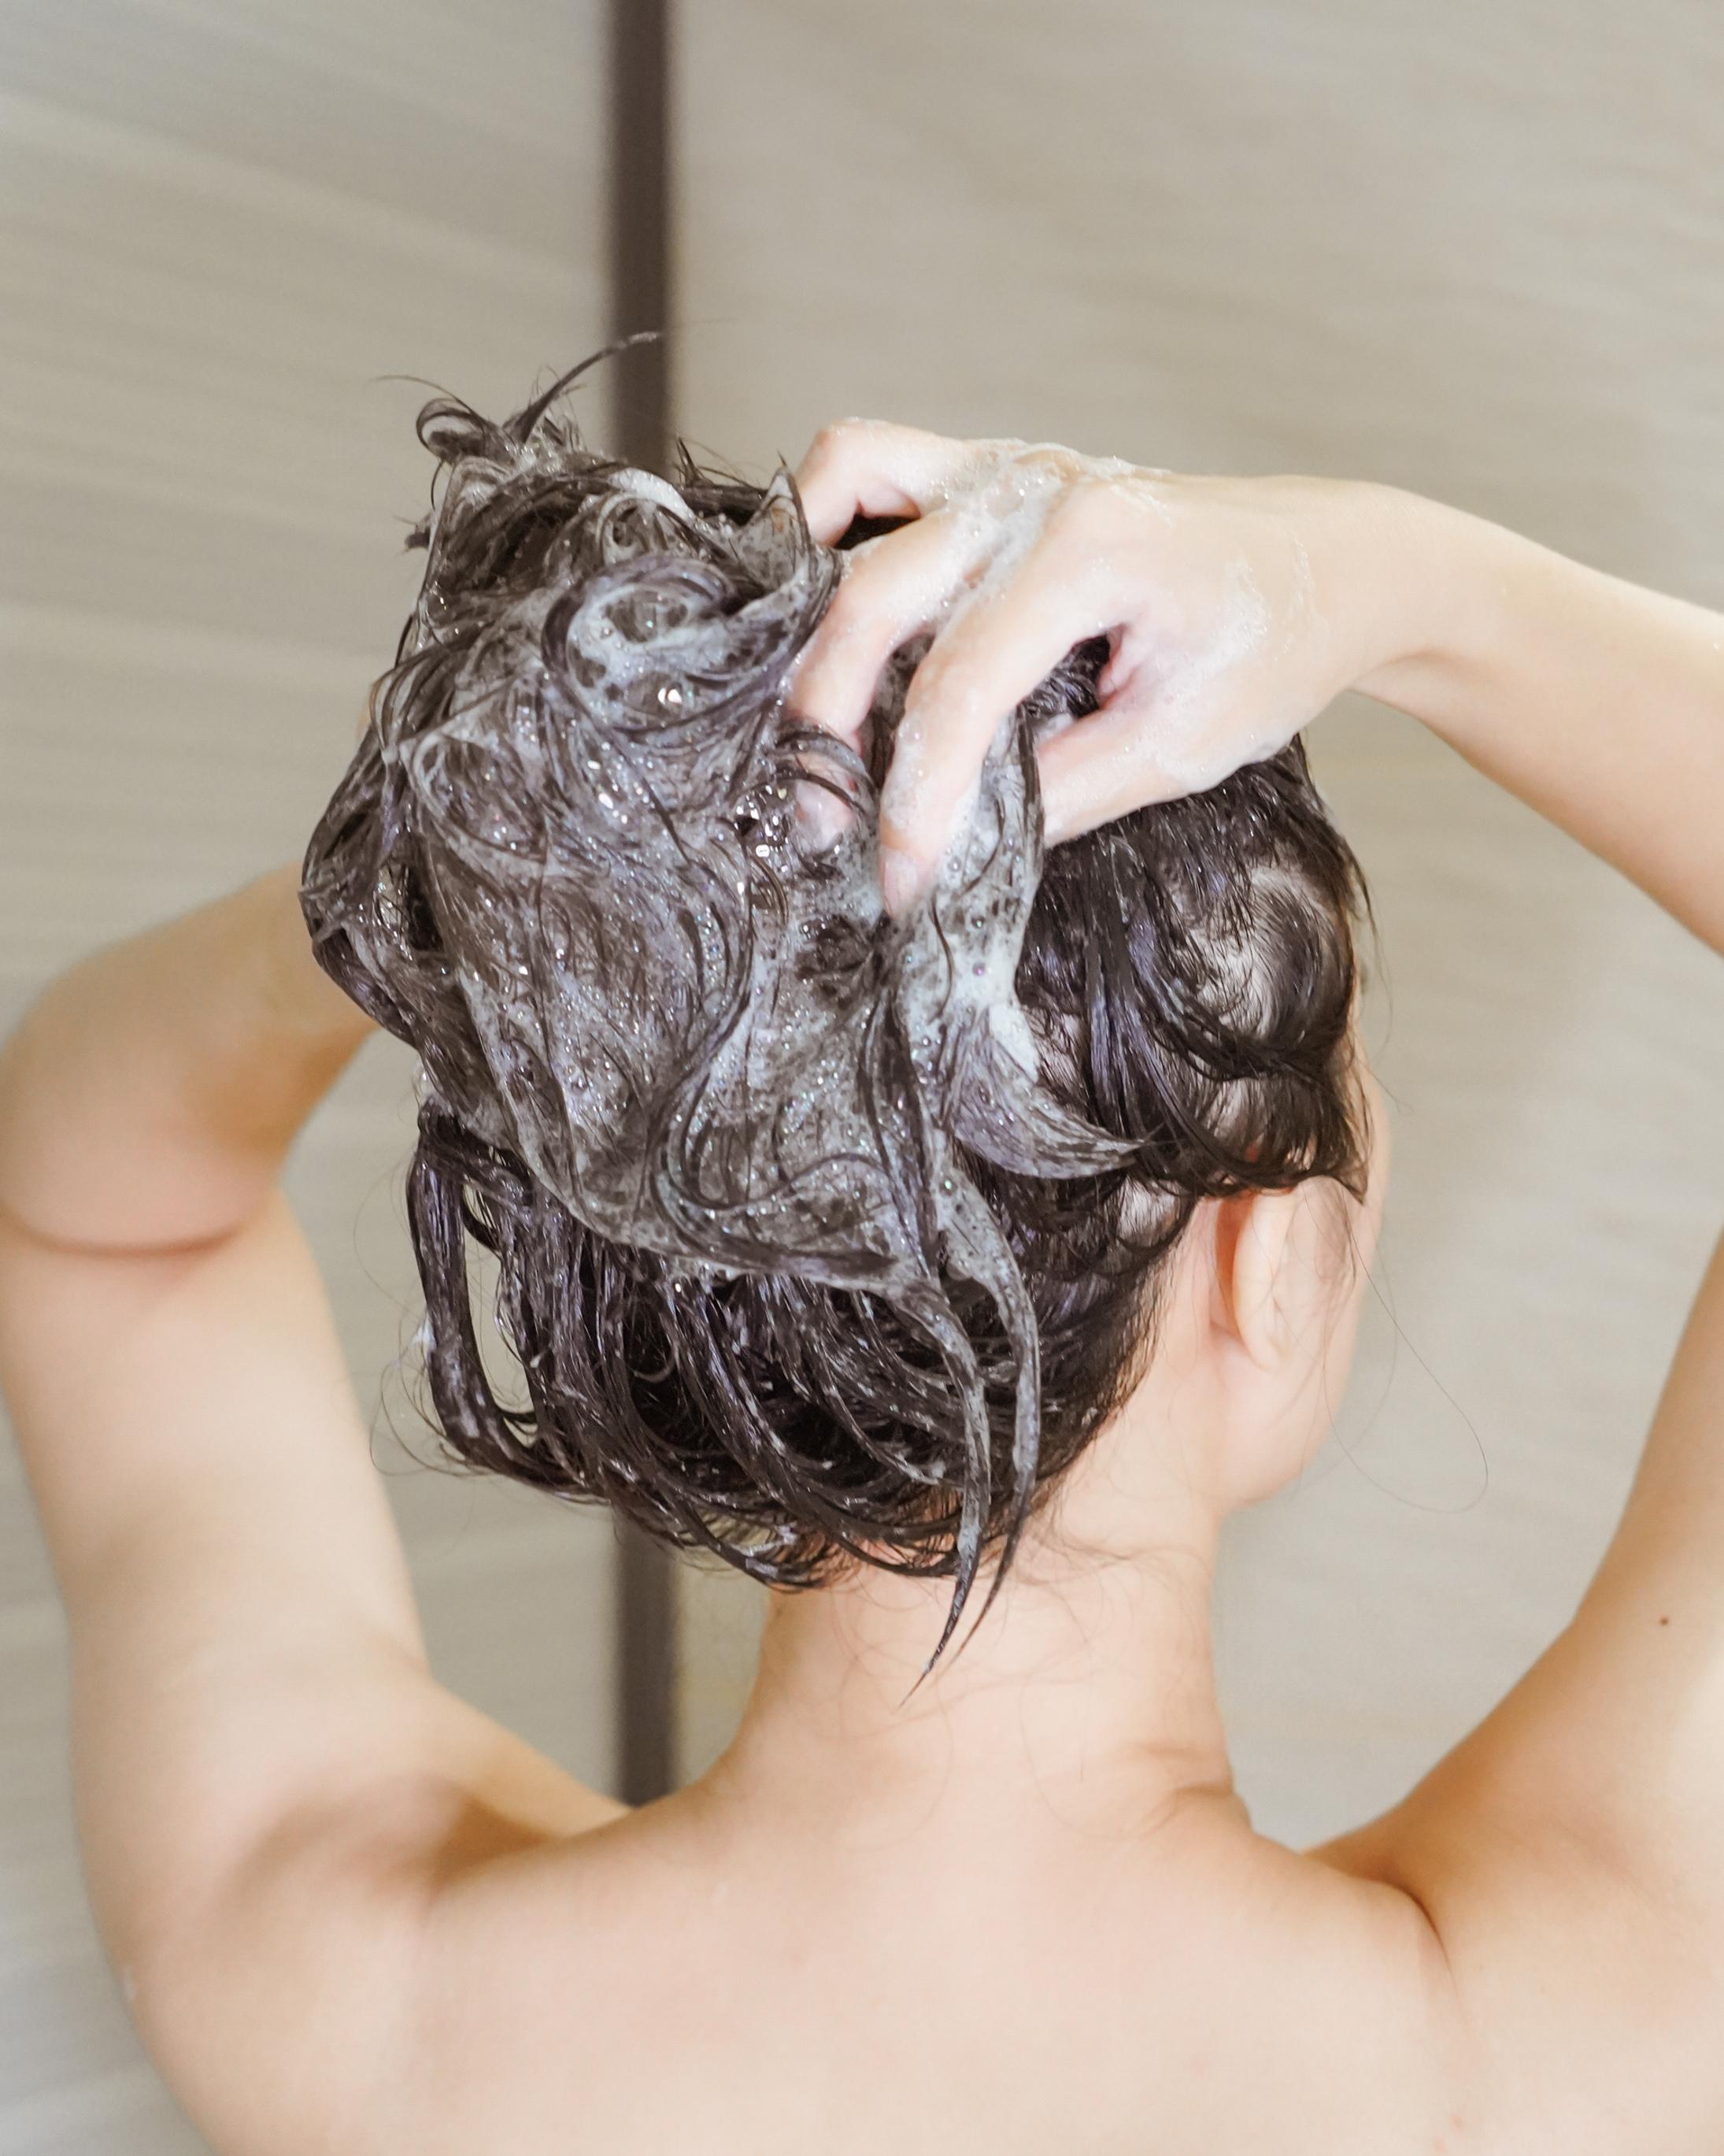 髮況皇后 LIKEY 萊客 洗髮精 護髮膜 精華露 打造輕柔秀髮三步驟7.JPG